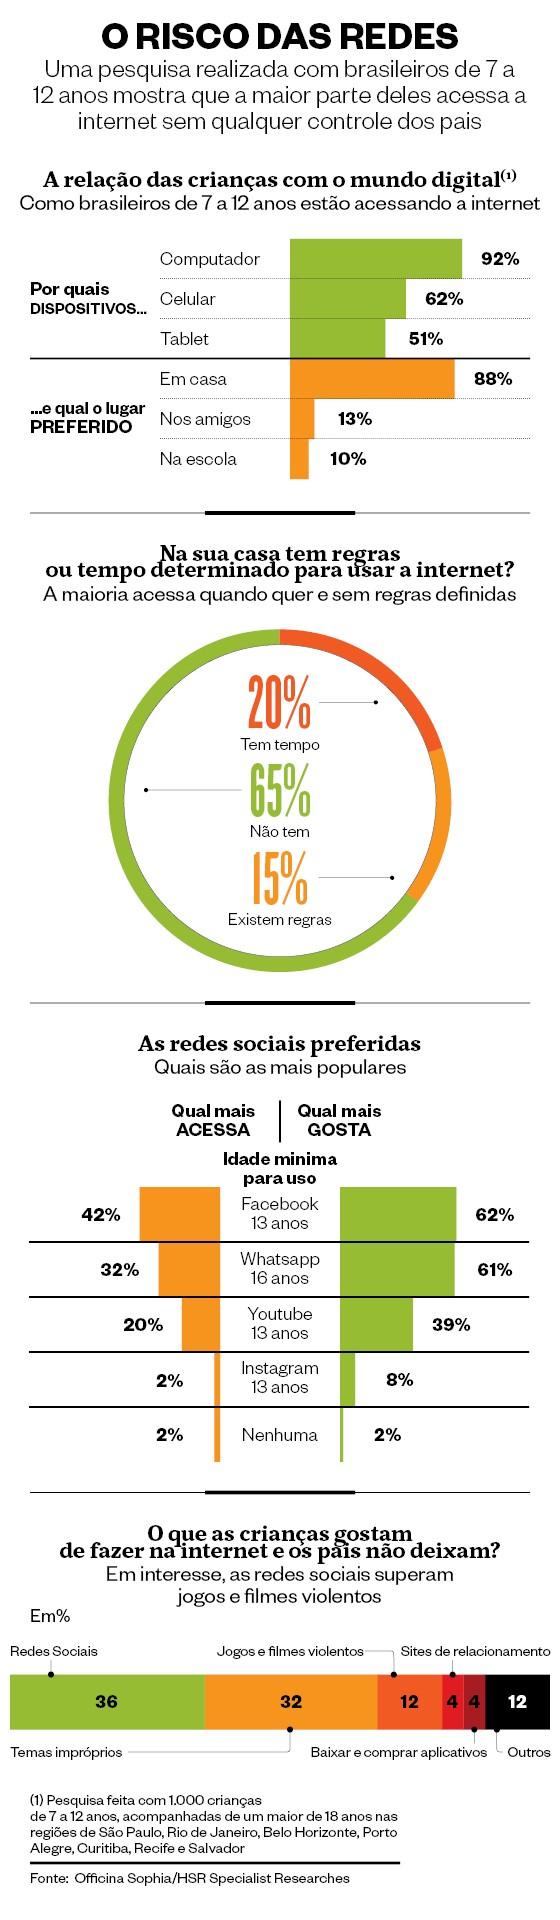 O risco das redes (Foto: Fonte: Officina Sophia/HSR Specialist Researches)